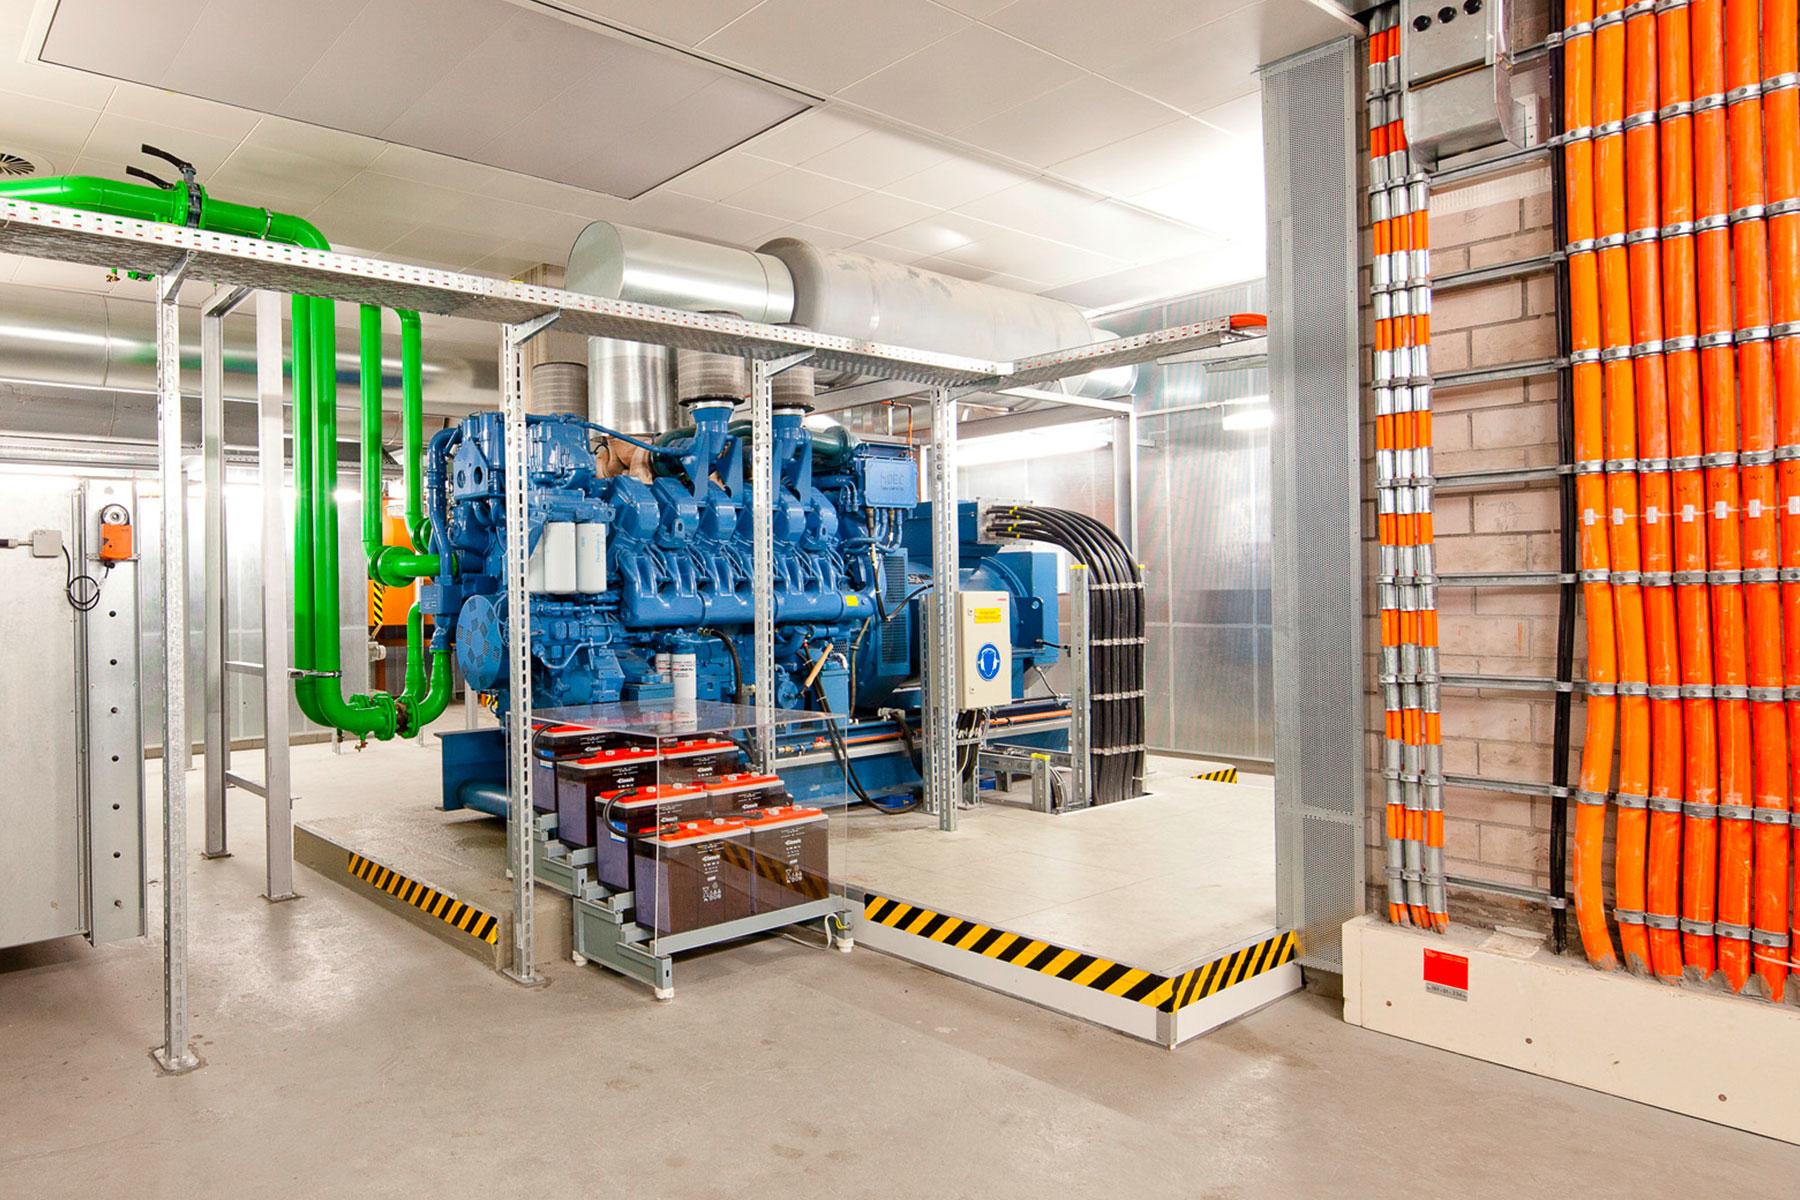 Flughafen Stuttgart Energie GmbH - Der Energieversorger am Flughafen Stuttgart